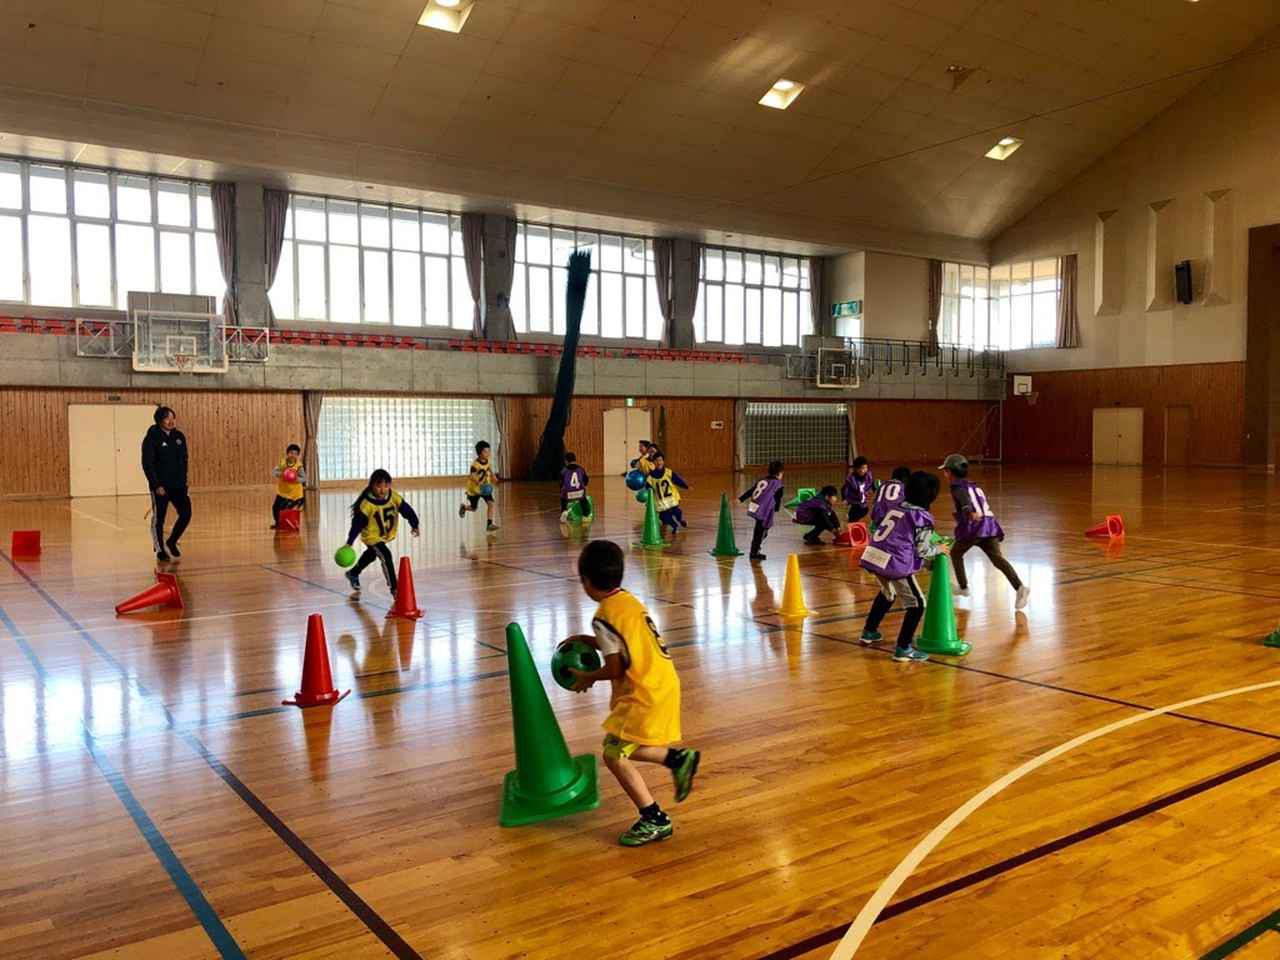 画像: 大人も楽しめるボールゲーム企画で団結感を高めます!©️松本山雅FC